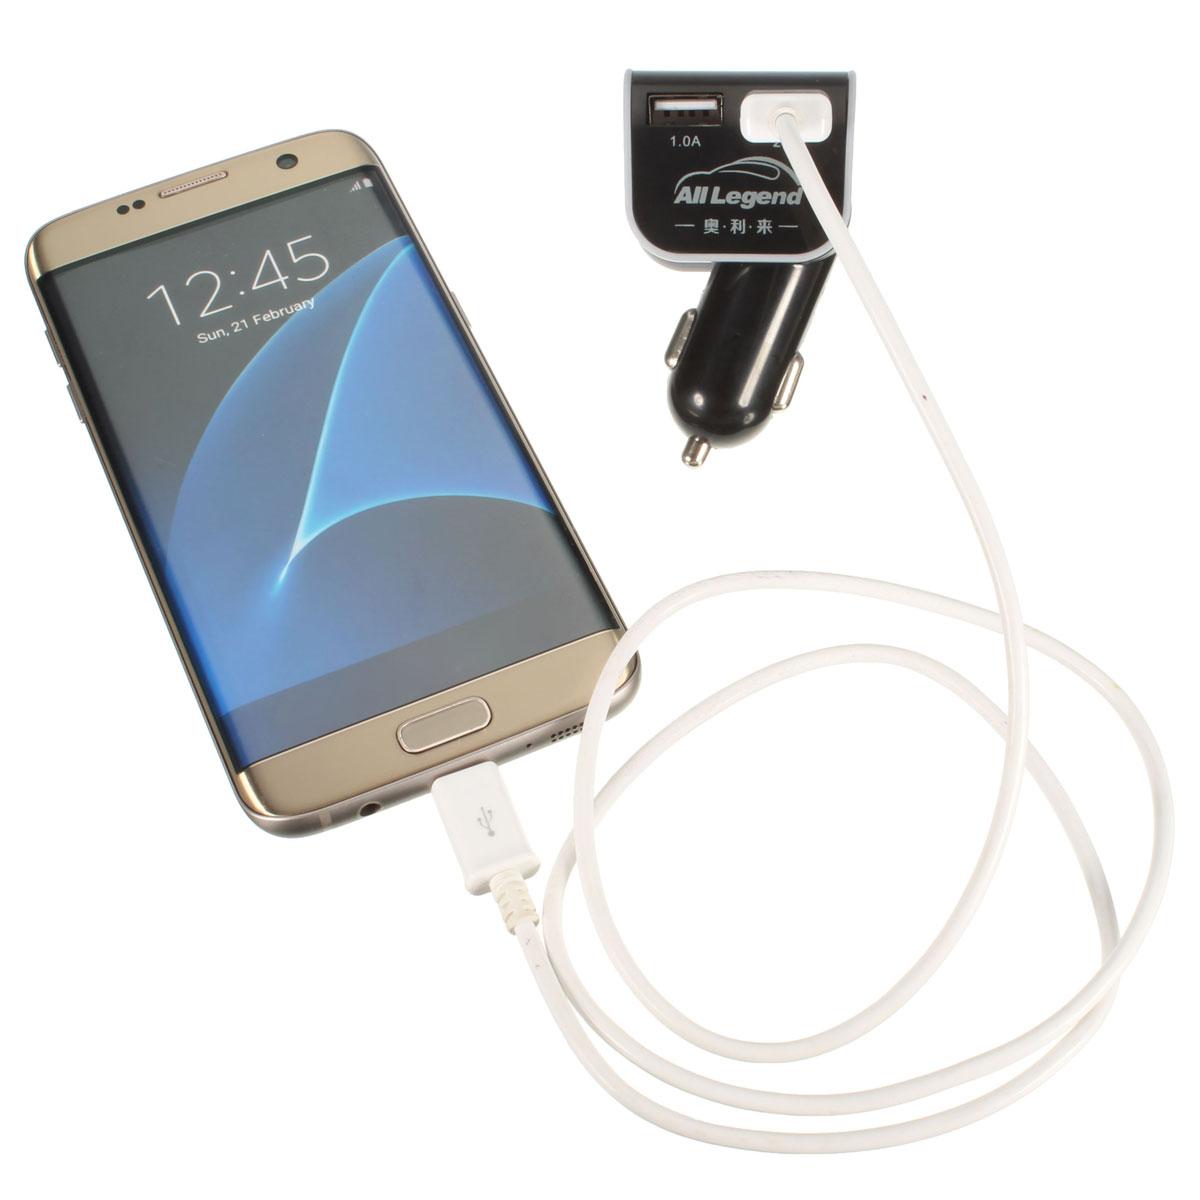 Зарядные устройства Адаптер автомобильного зарядного устройства на 2 USB порта 1.0A / 2.1A для смартфонов (Фото 1)